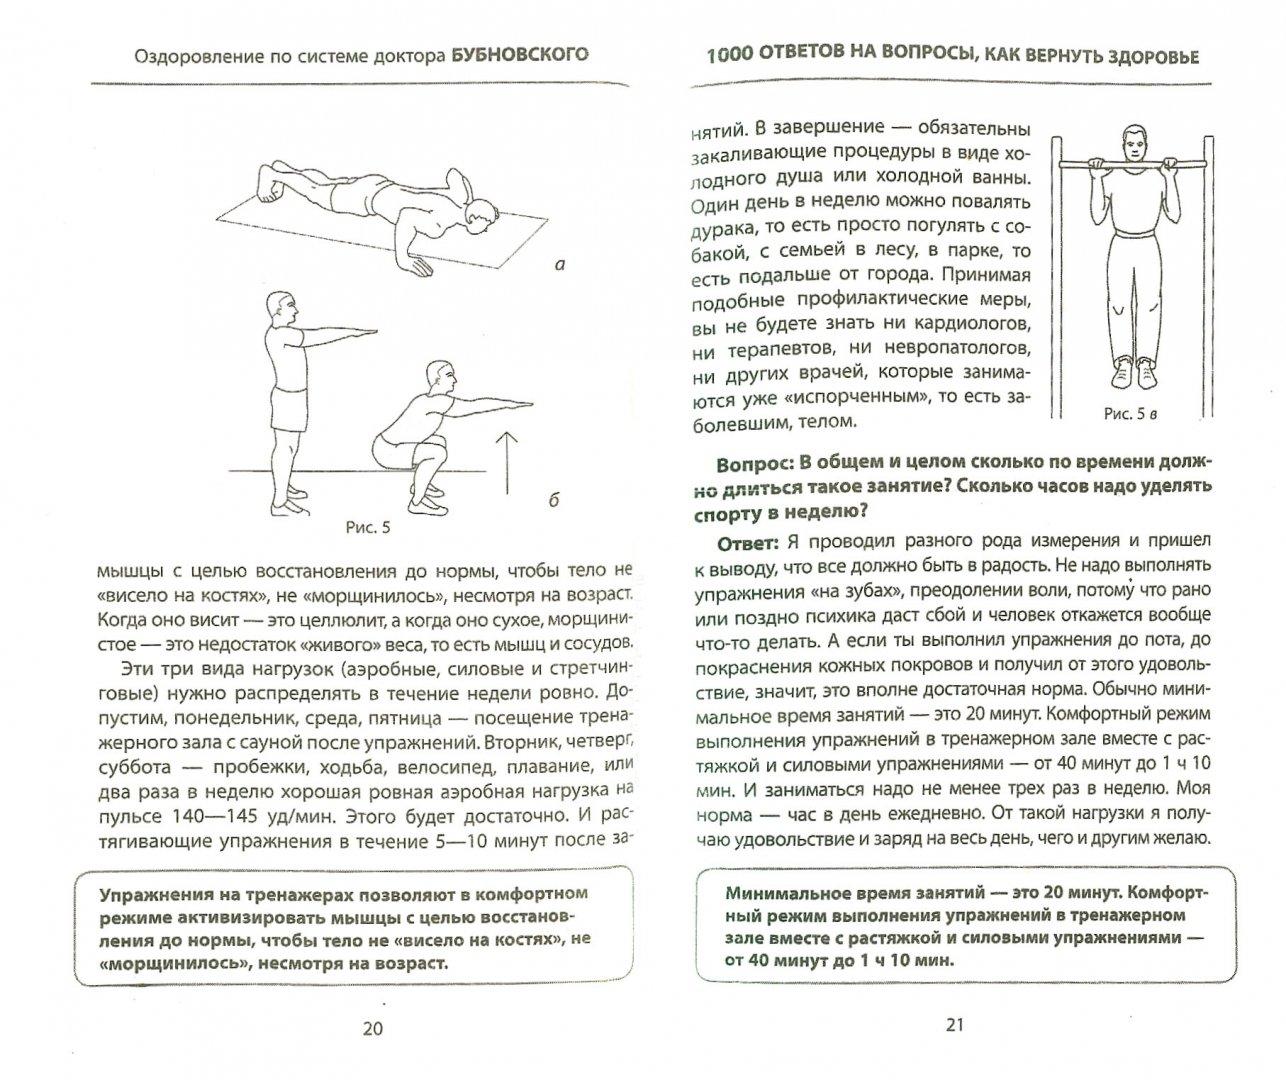 Иллюстрация 1 из 30 для 1000 ответов на вопросы, как вернуть здоровье - Сергей Бубновский   Лабиринт - книги. Источник: Лабиринт